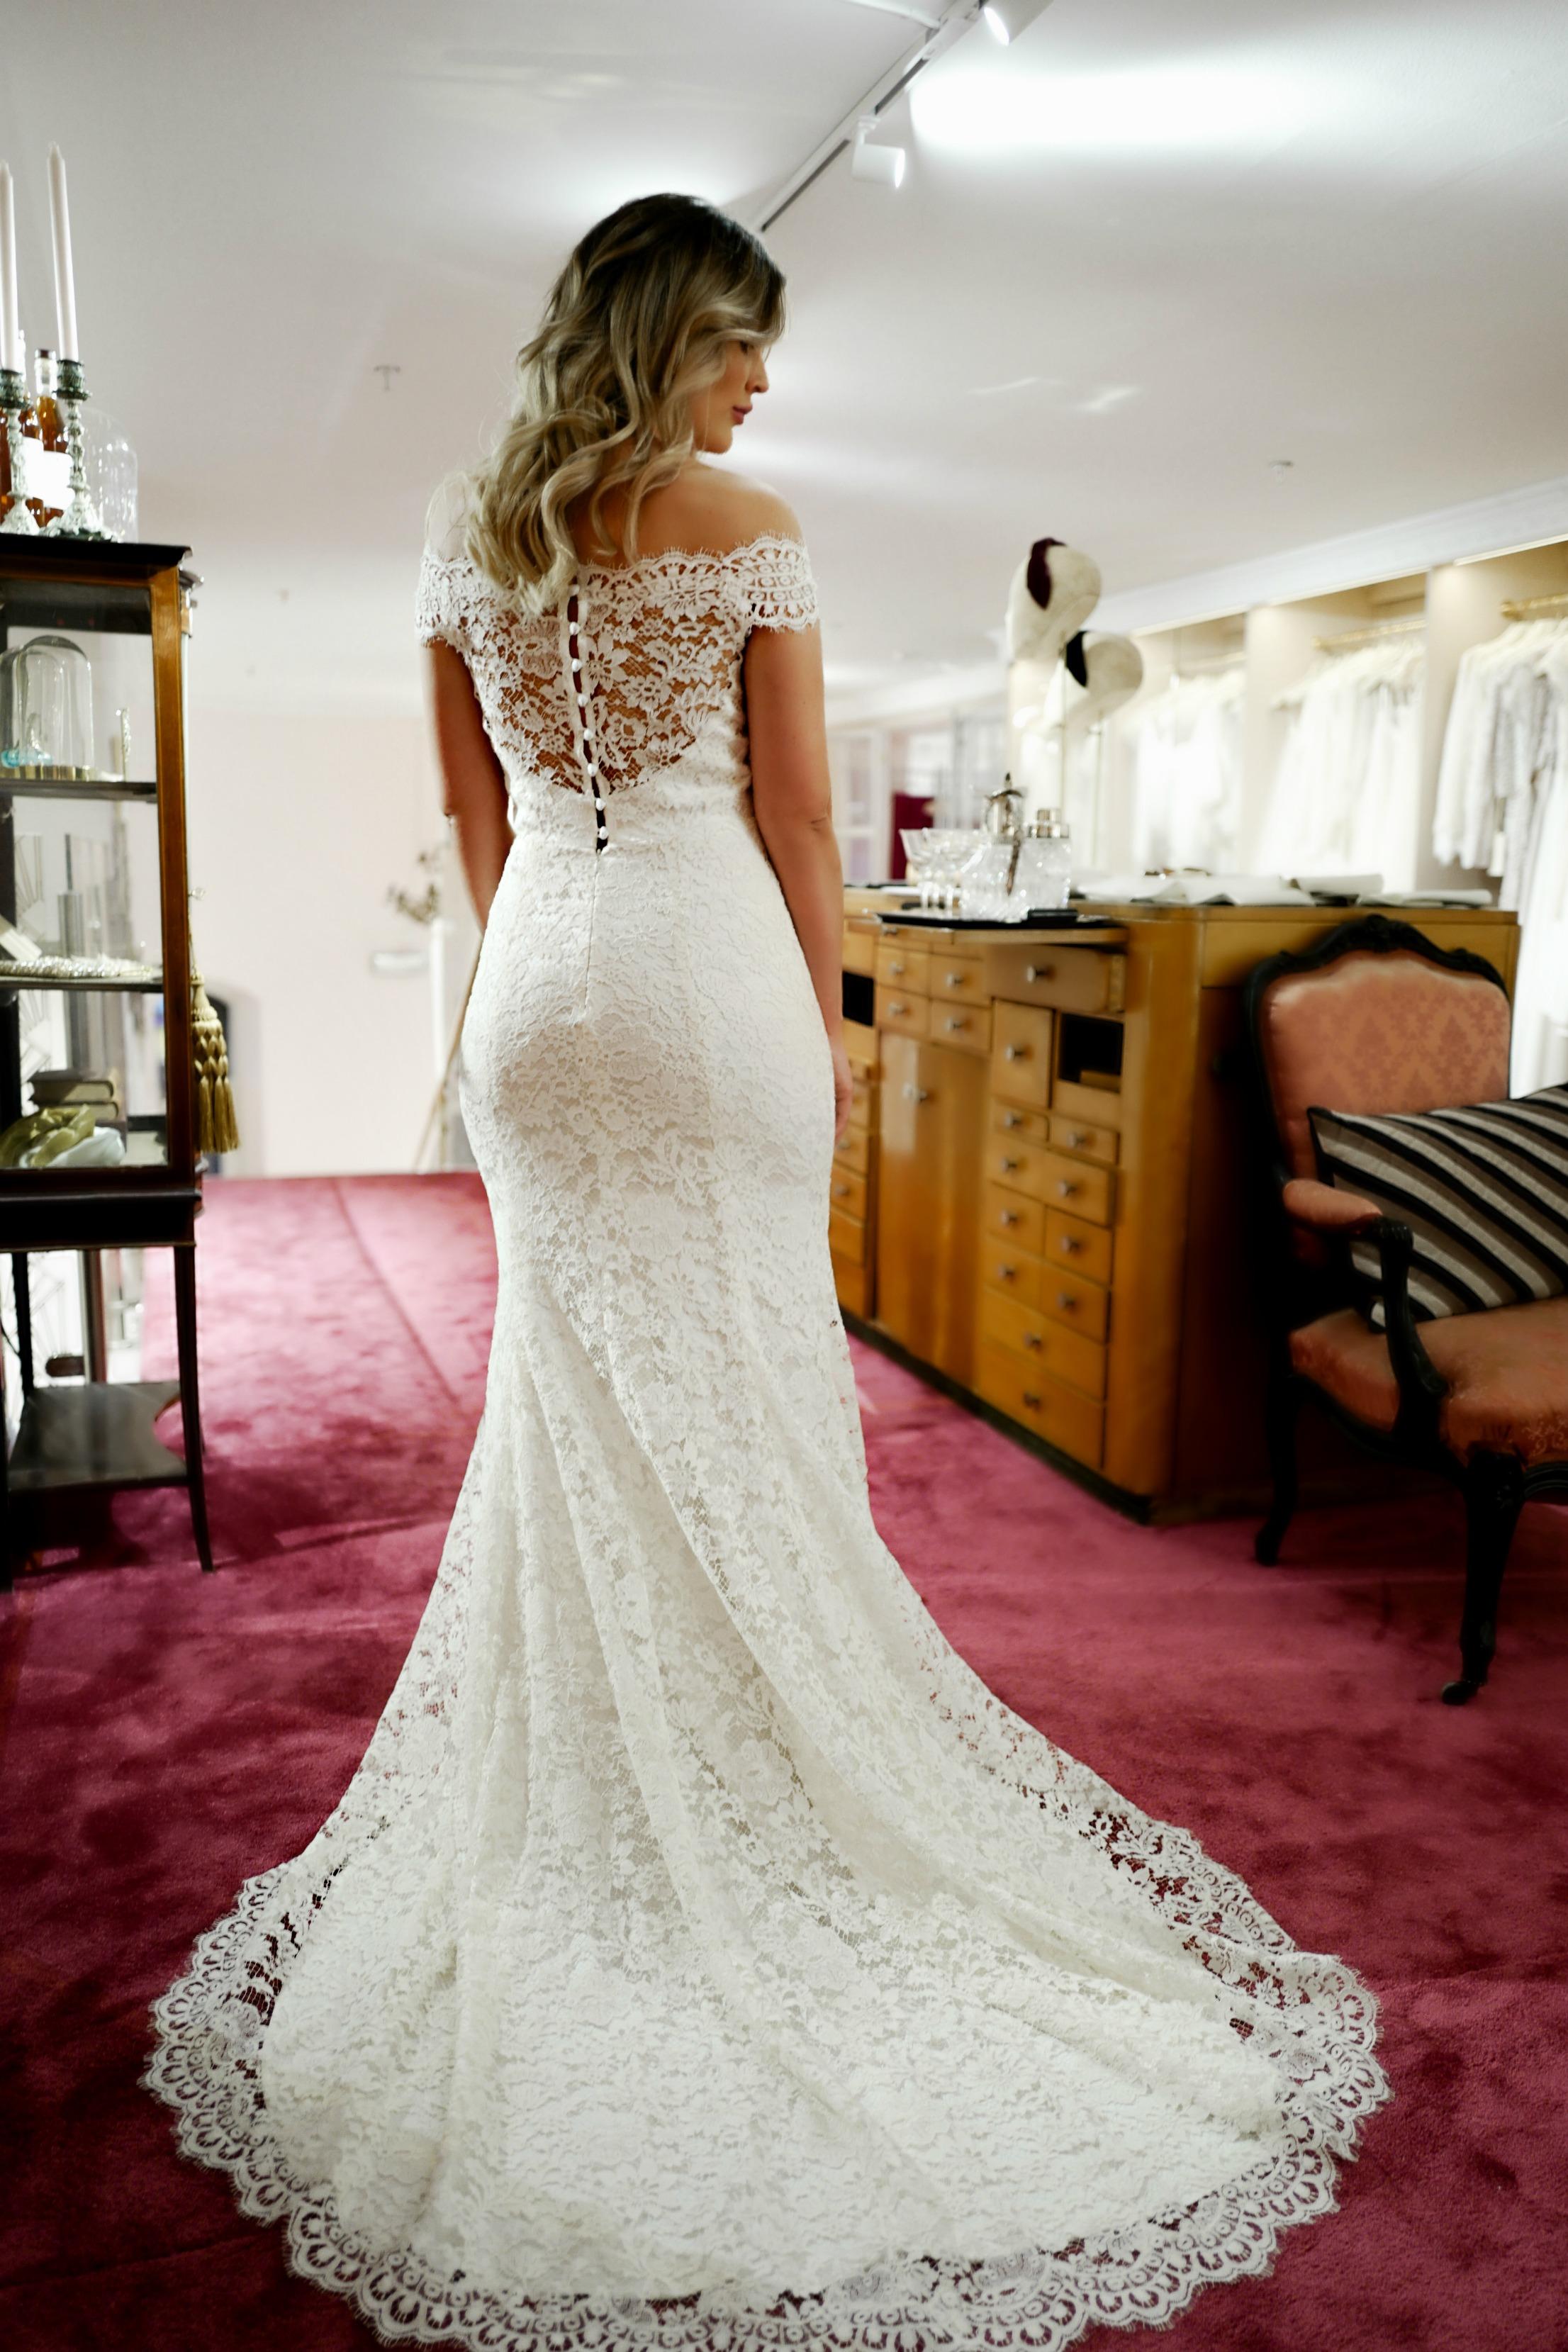 3b201a4496de ... testa bröllopsklänningar, att ha en hel övervåning för sig själv, med  sina bästa vänner med ett champagneglas i handen – det är en otrolig  upplevelse.